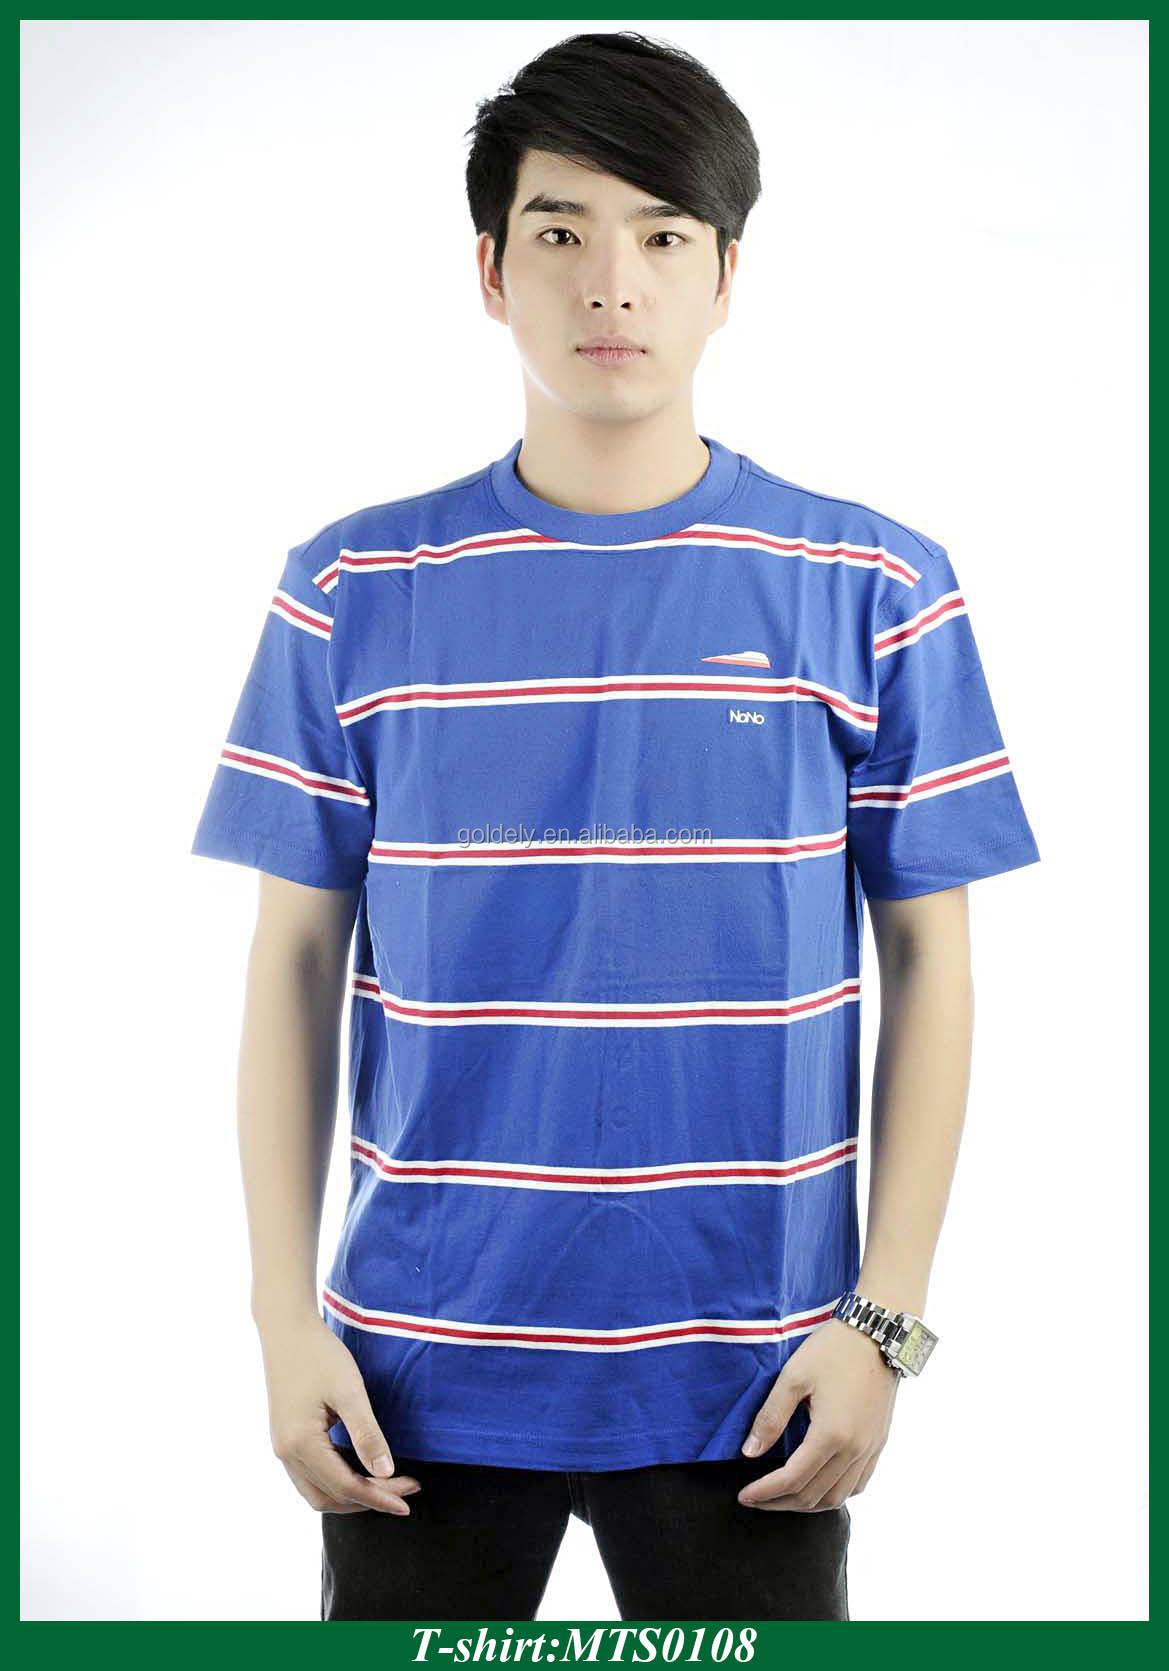 tshirt-104.jpg